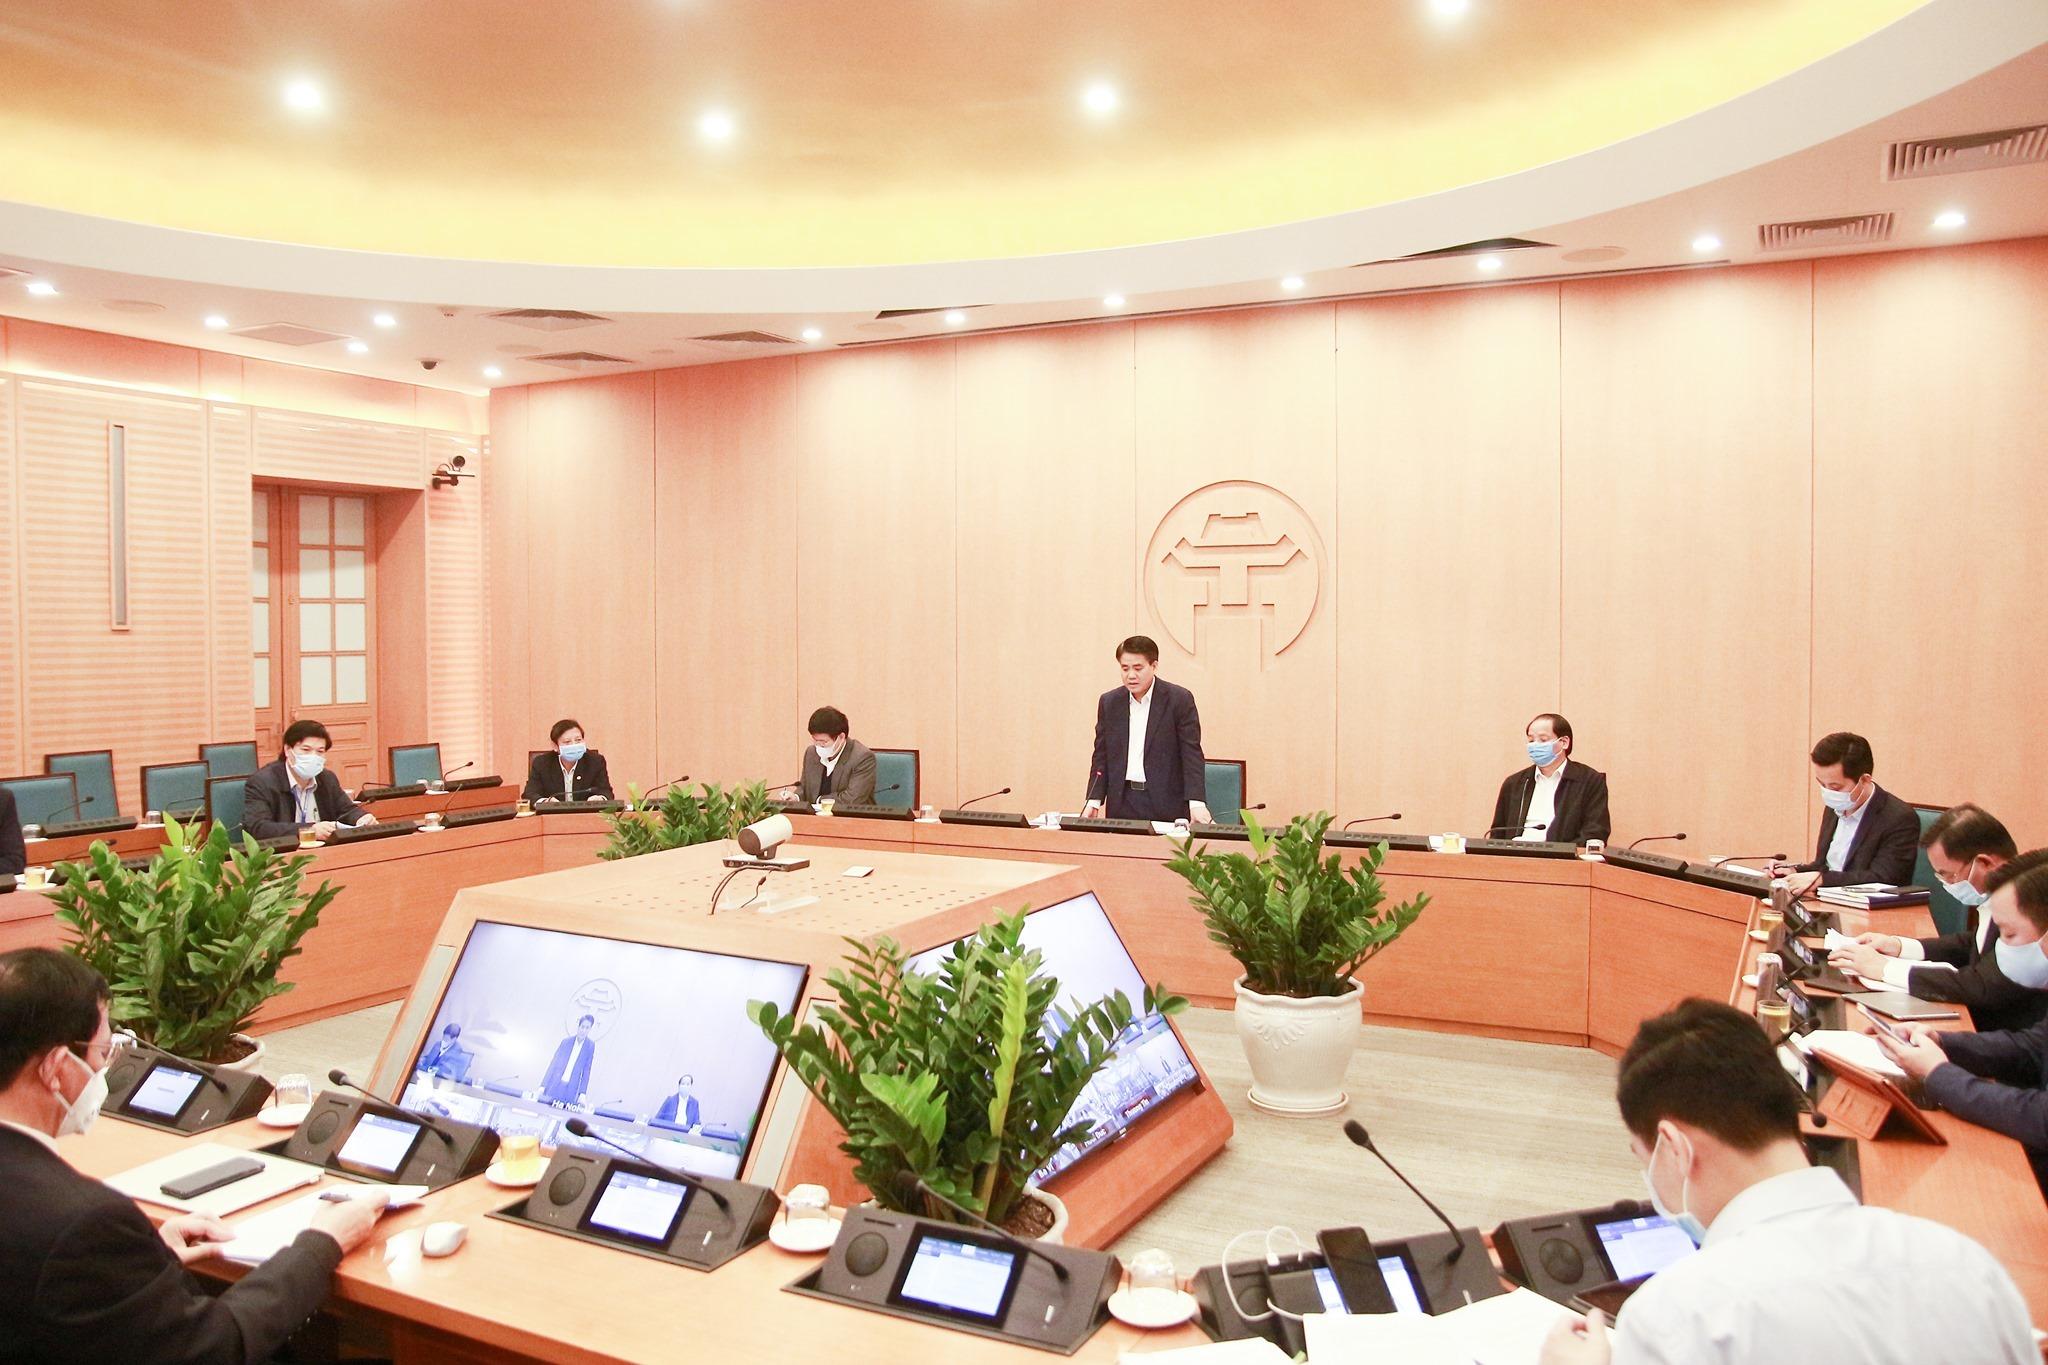 Chủ tịch Hà Nội: Có thể 'thở phào' từ thông tin mới ở ổ dịch Bạch Mai